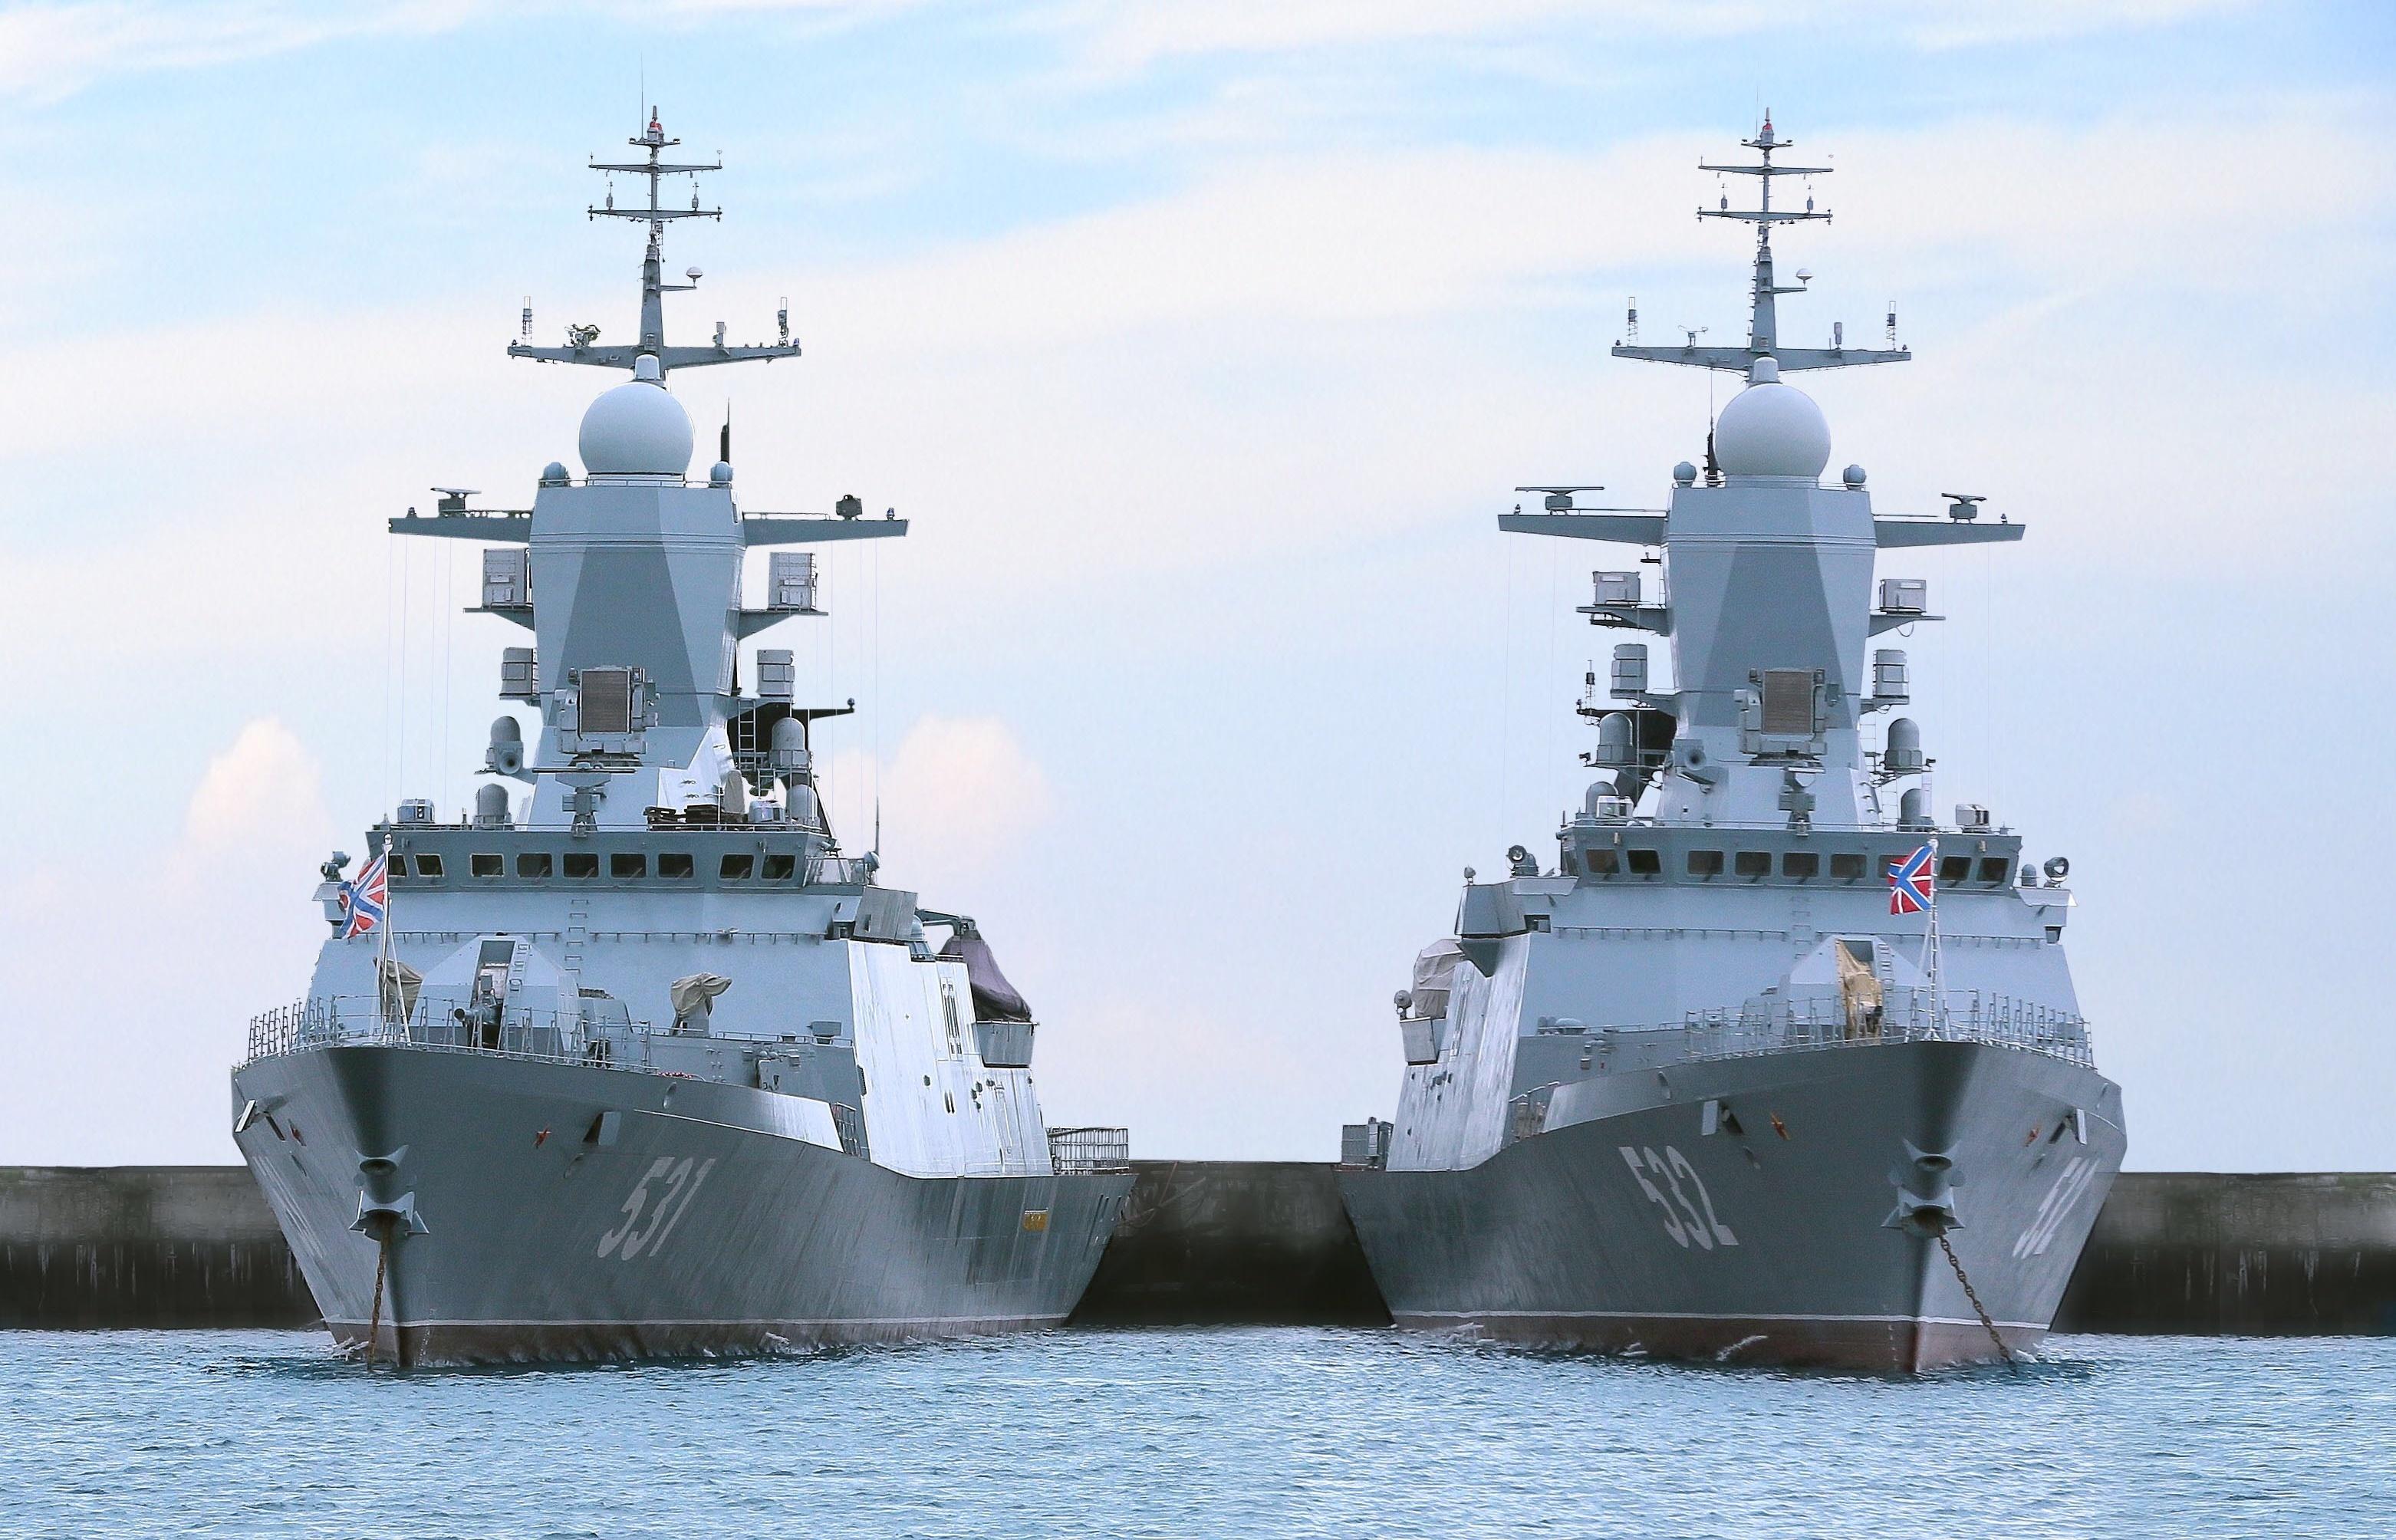 теплице размещают фотографии современных кораблей вмф россии ночь, подарки